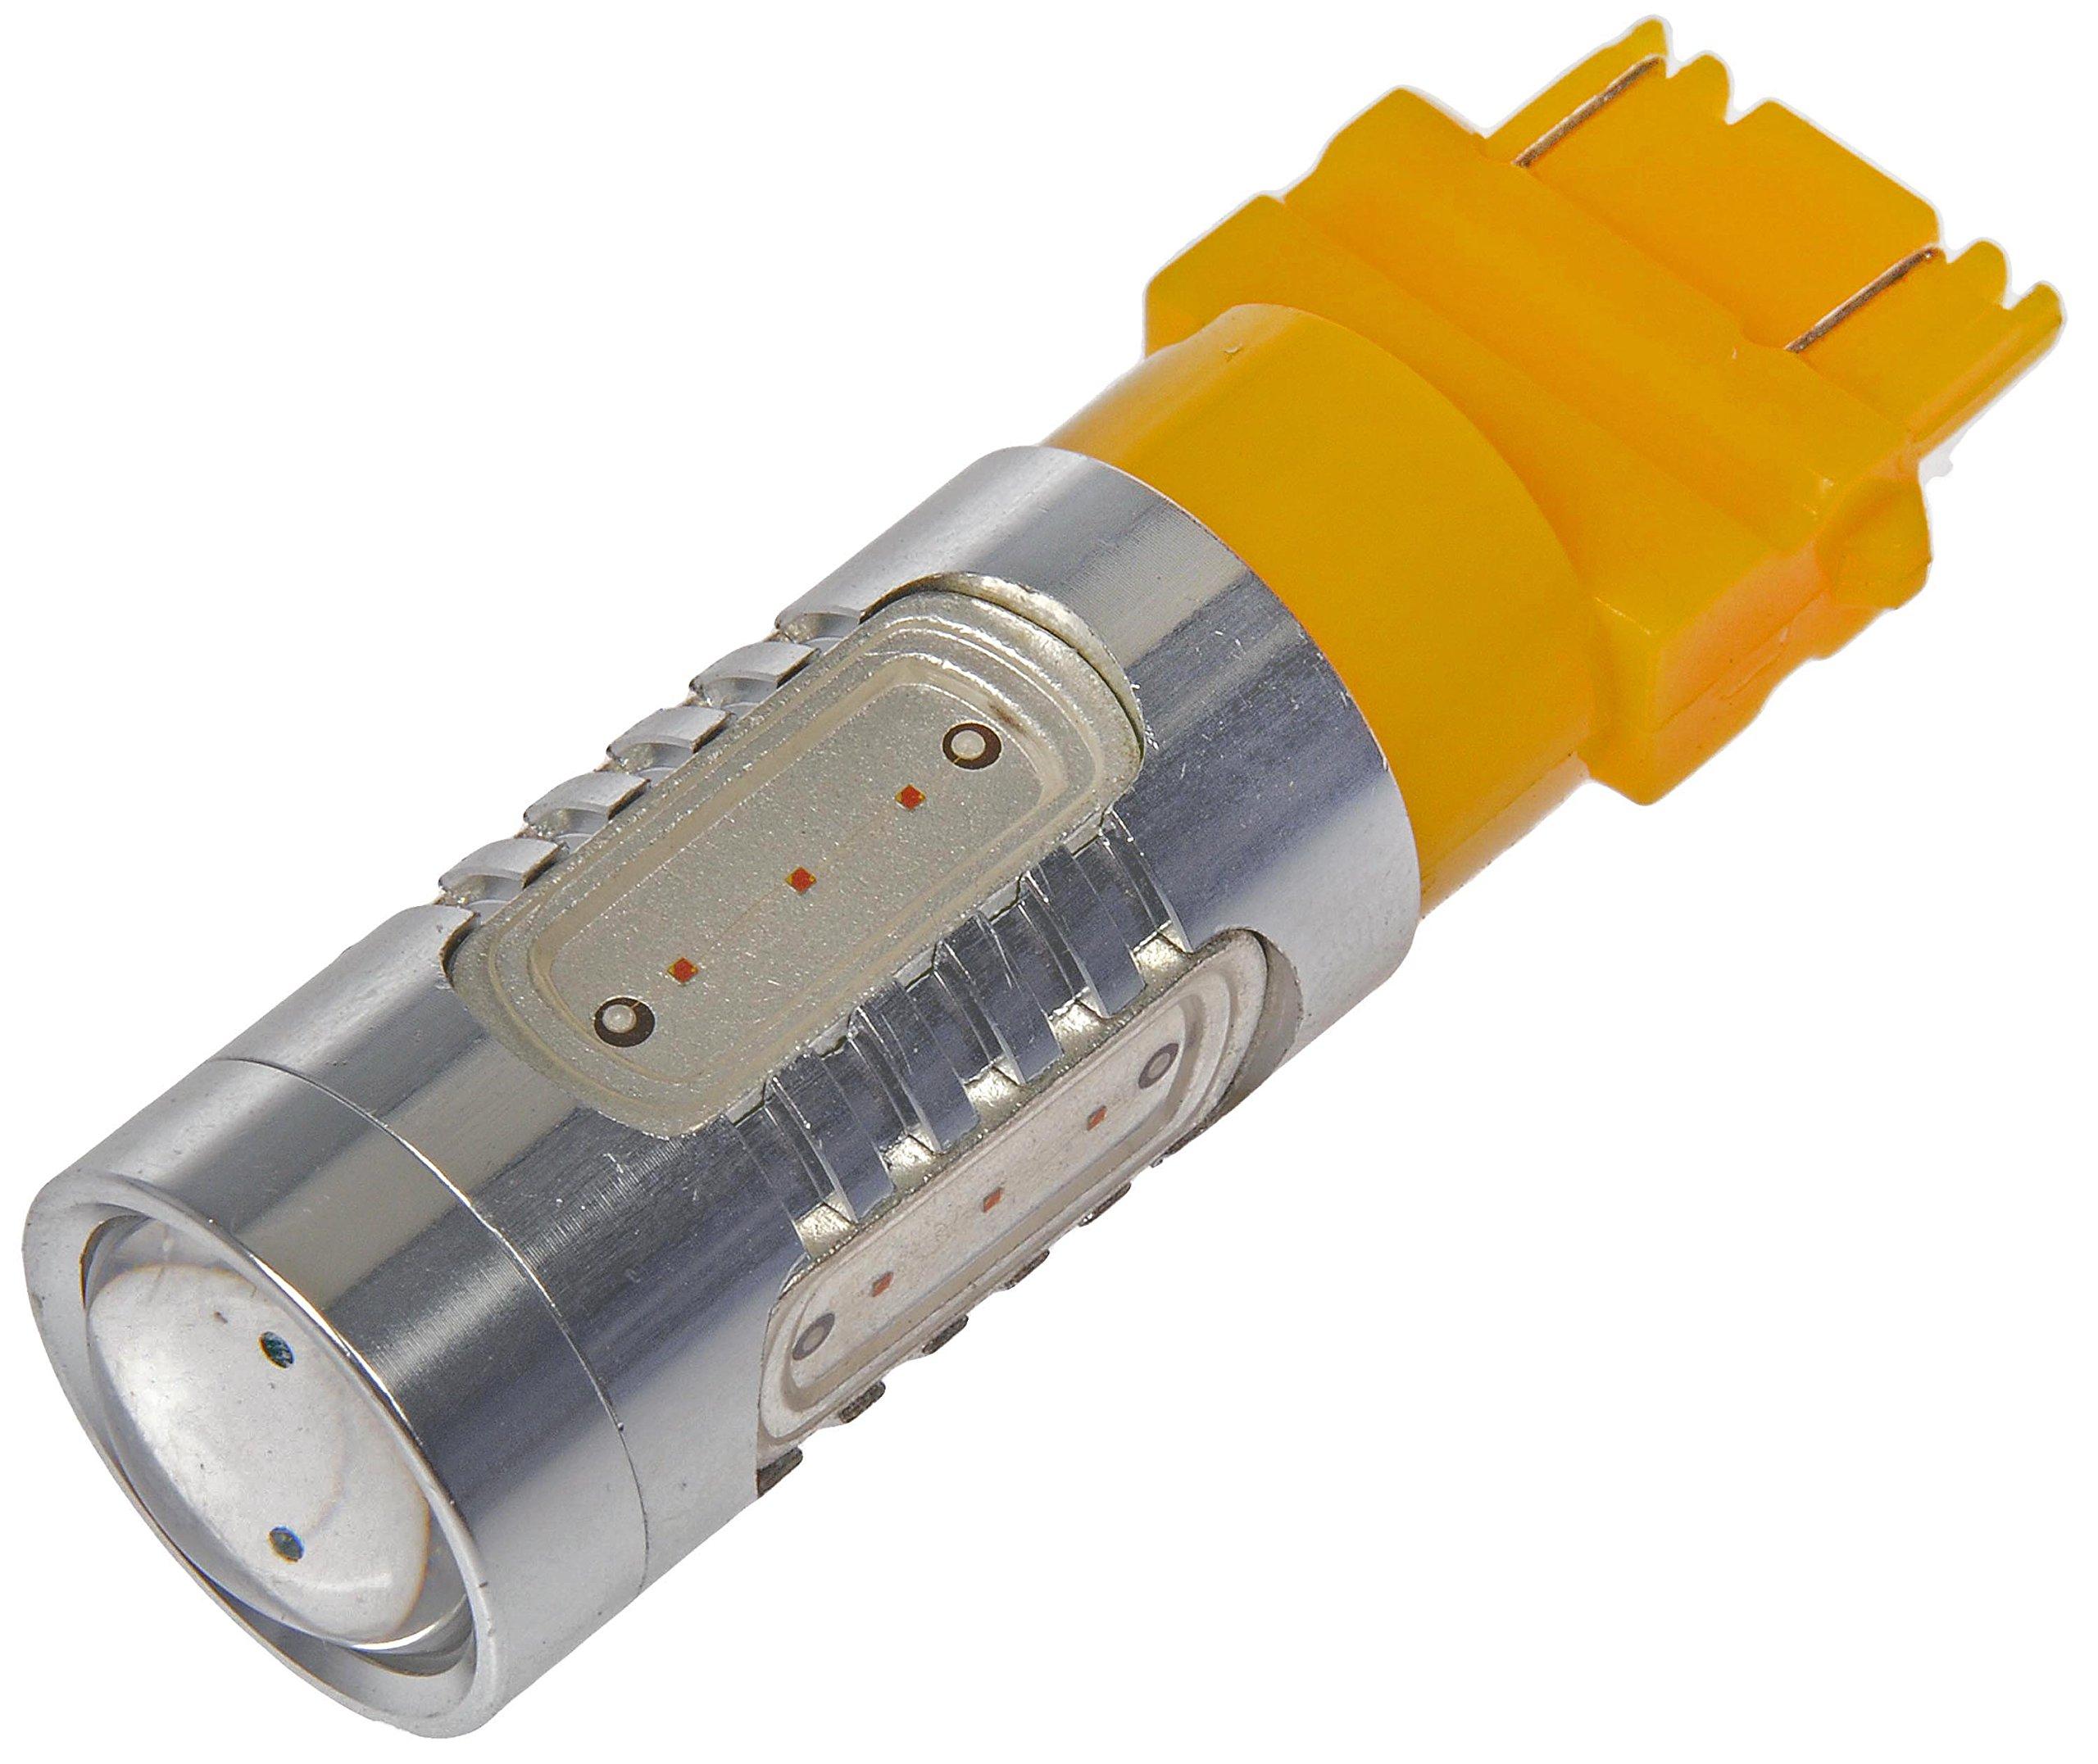 Dorman 3157SW-HP White/Amber Switchback LED Turn Signal Light Bulb, (Pack of 1)